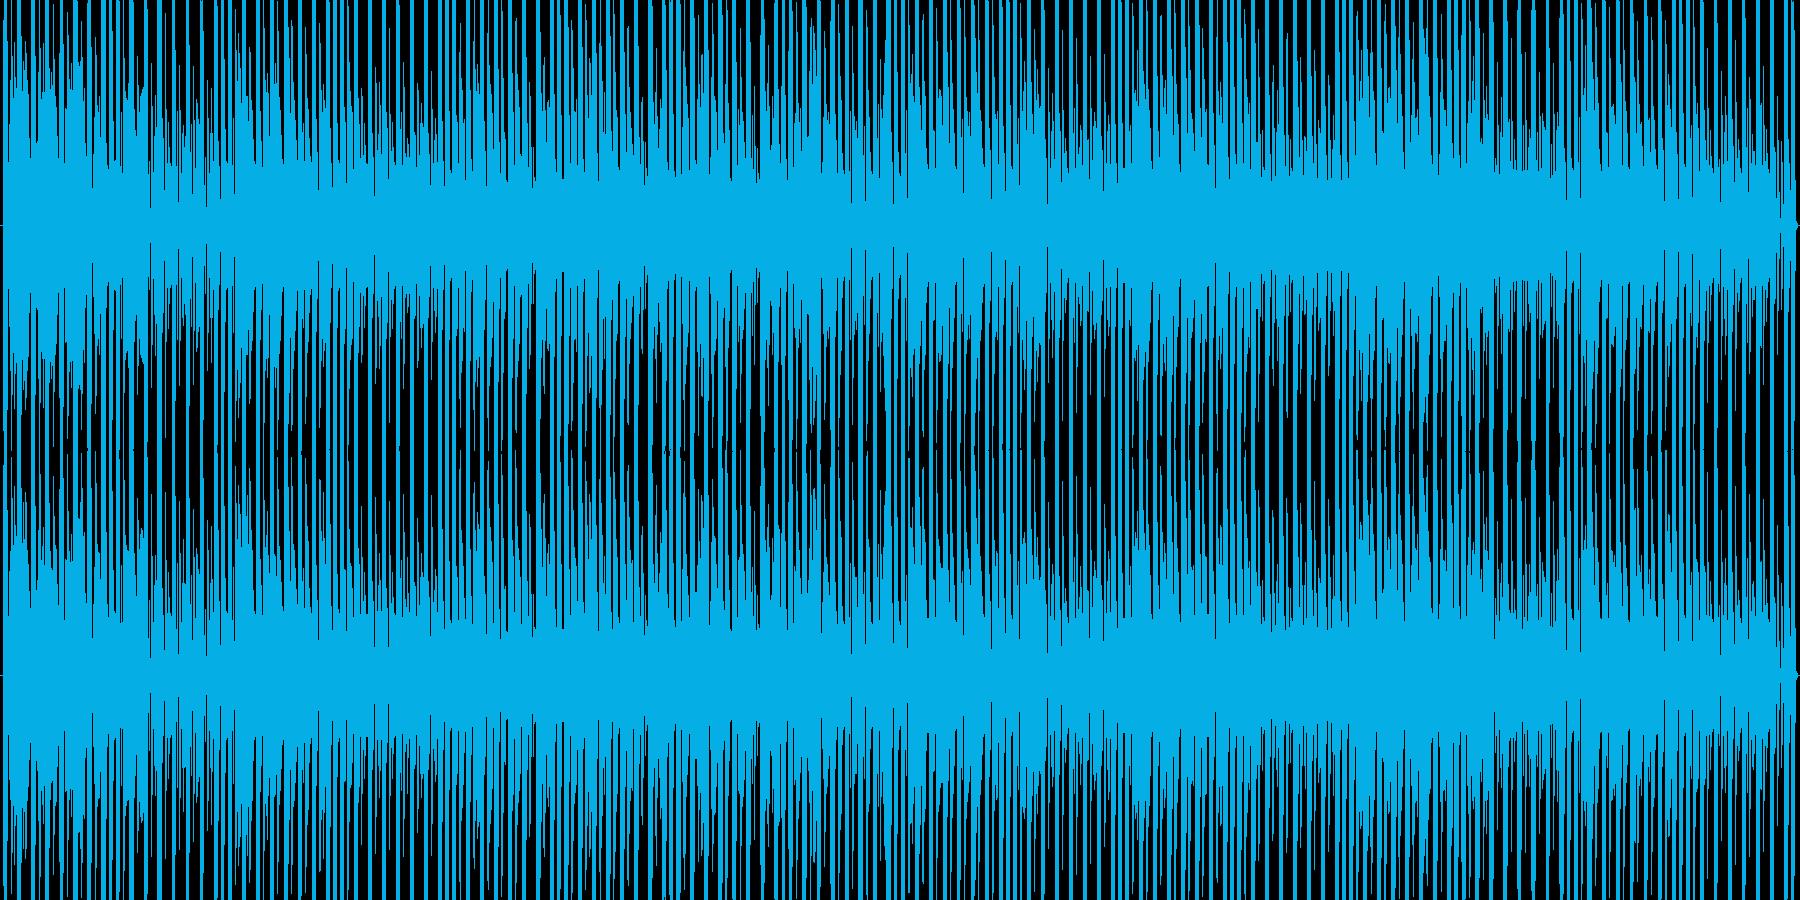 可愛い、ポップな感じのダンスミュージッ…の再生済みの波形